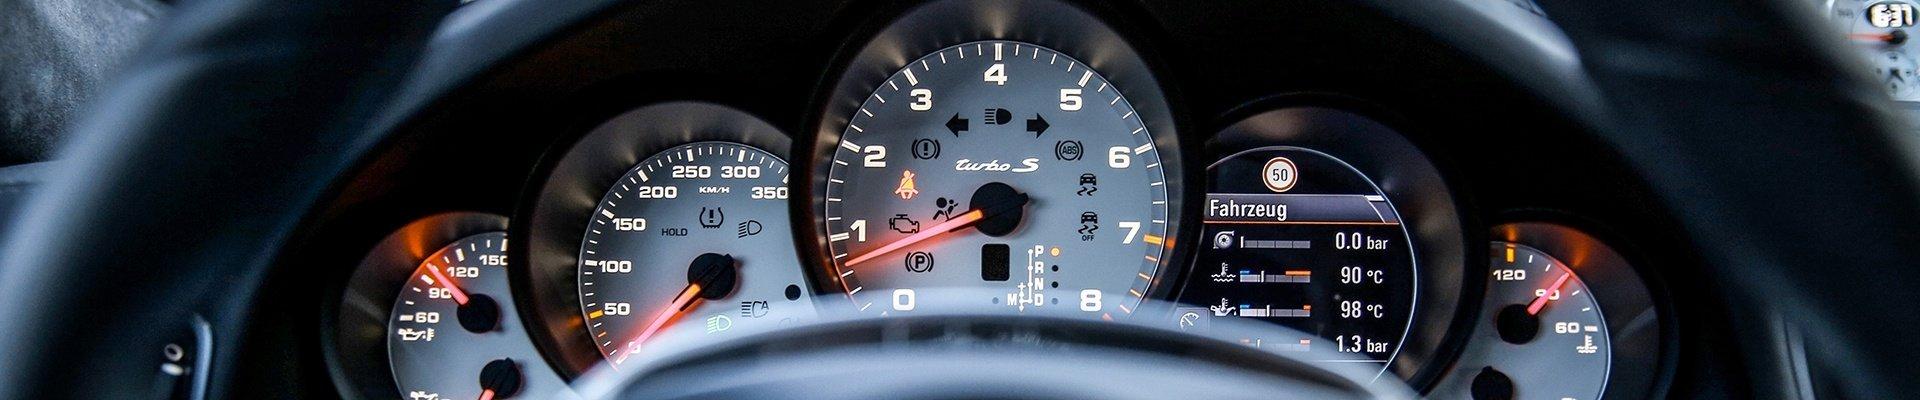 """Dobre wieści! Schema.org 2.0 oficjalnie z roszerzeniem """"Car"""" opracowanym przez MakoLab. Historyczny dzień dla firmy"""